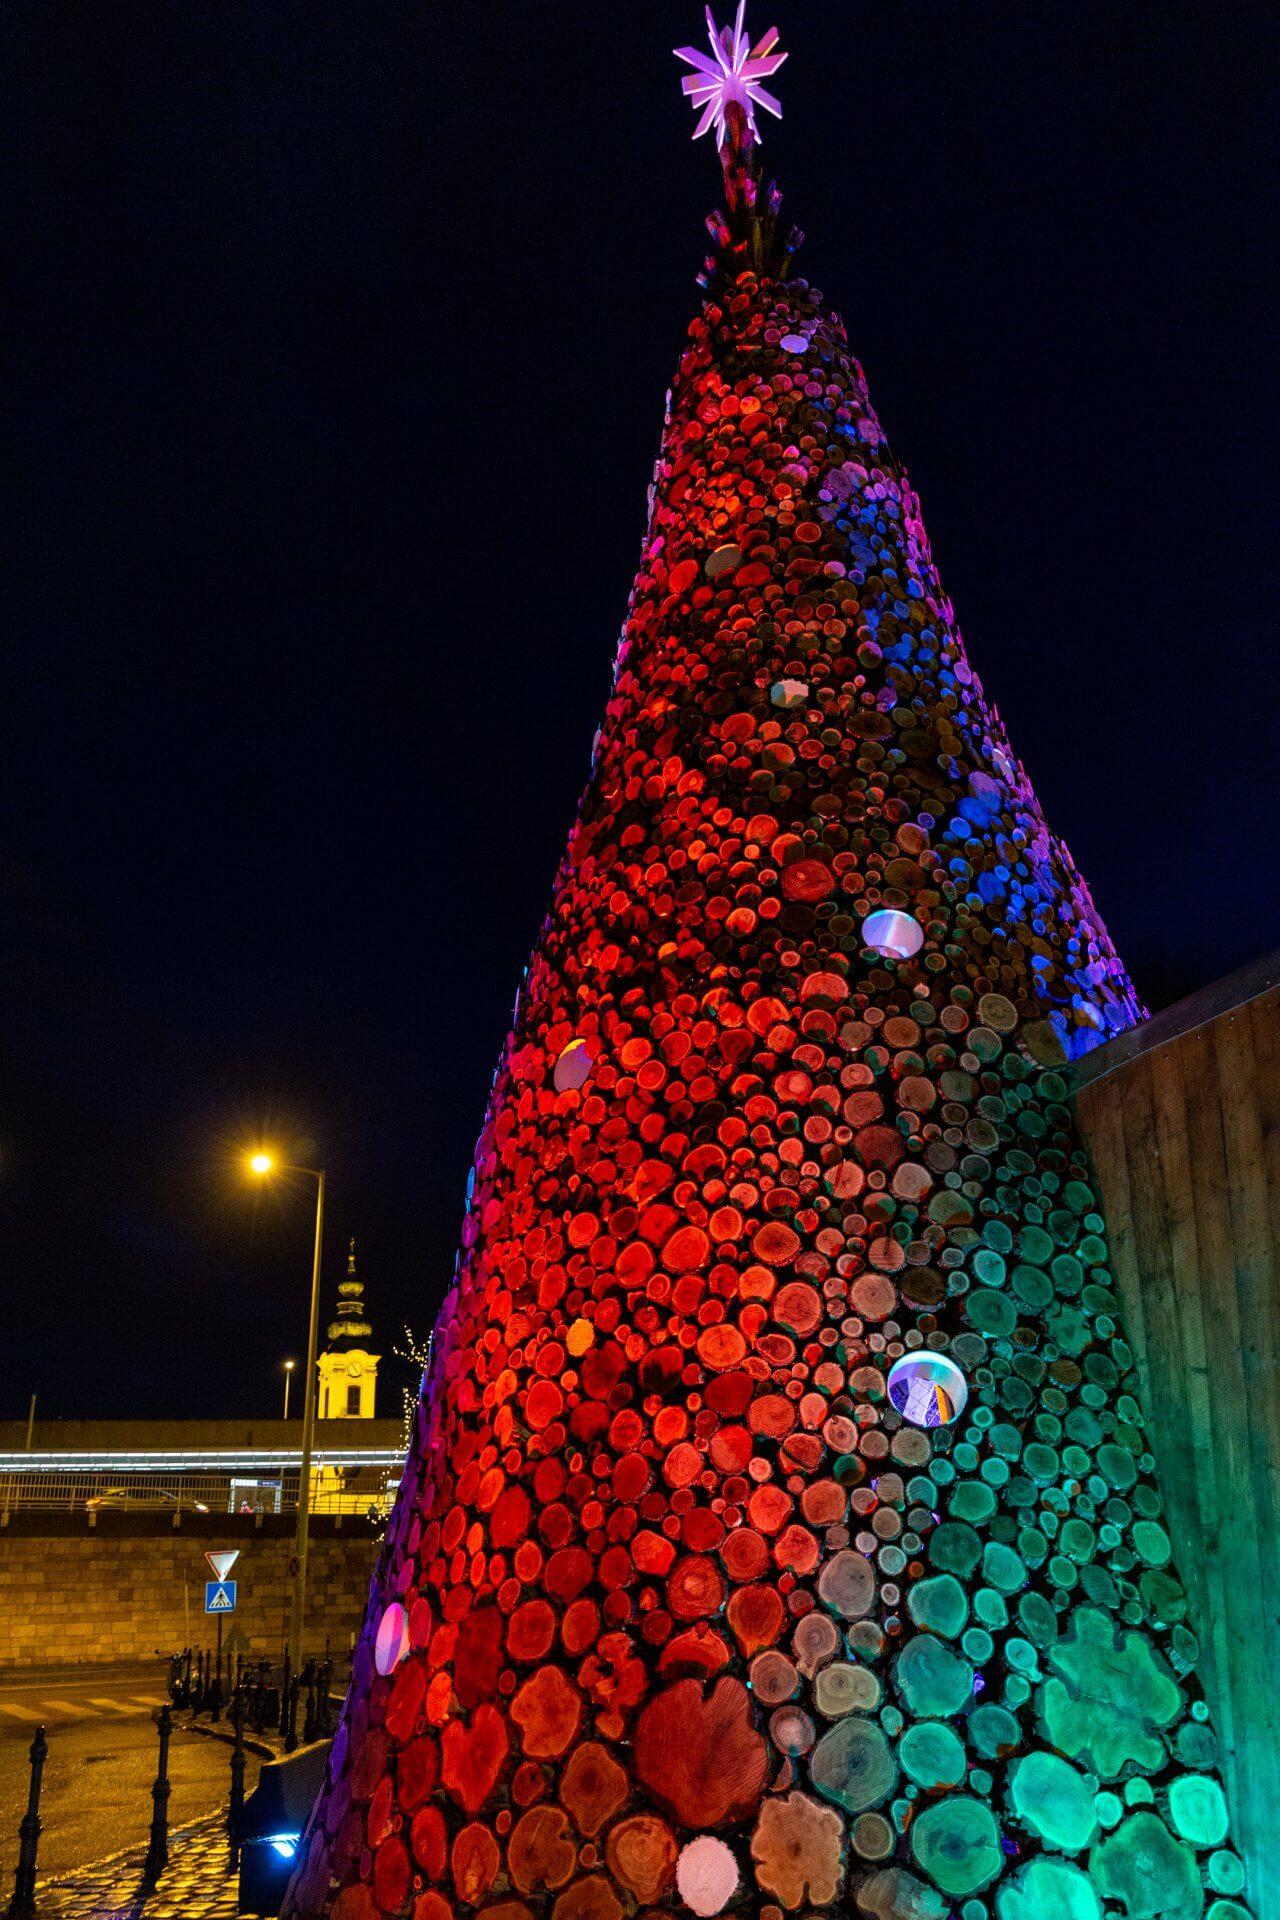 Wohltätigkeitsbaum auf dem Advent in Óbuda